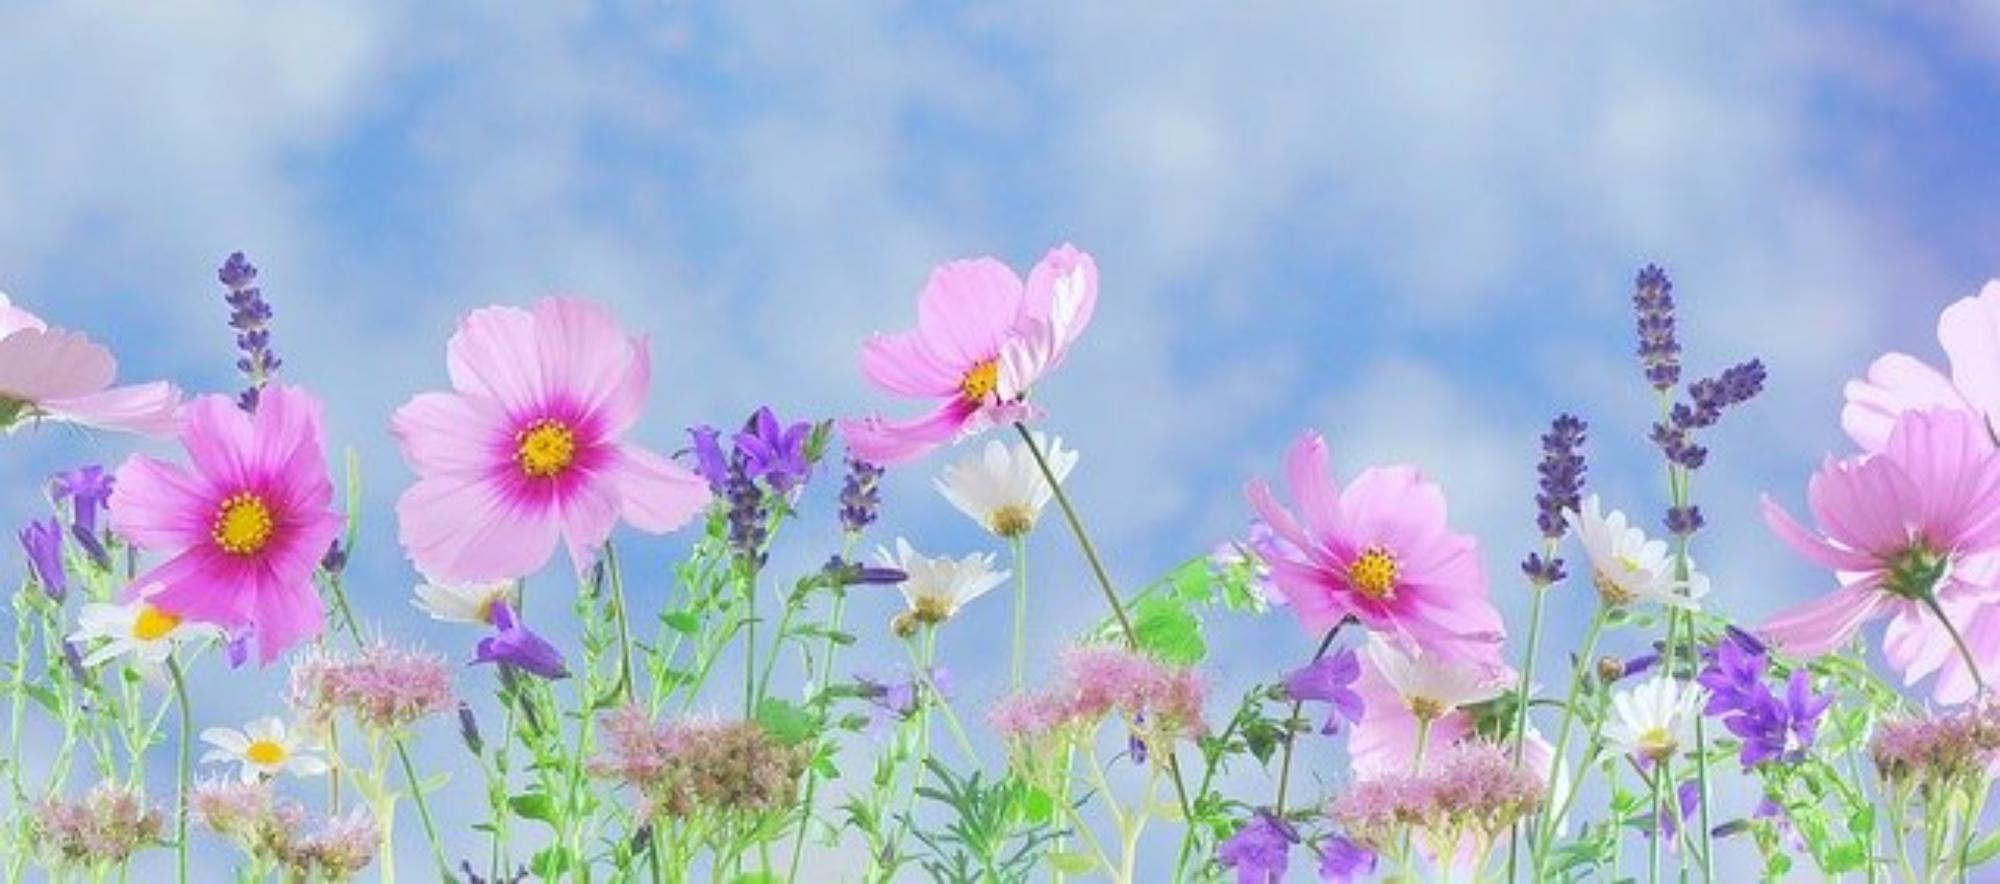 rośliny wiosenne